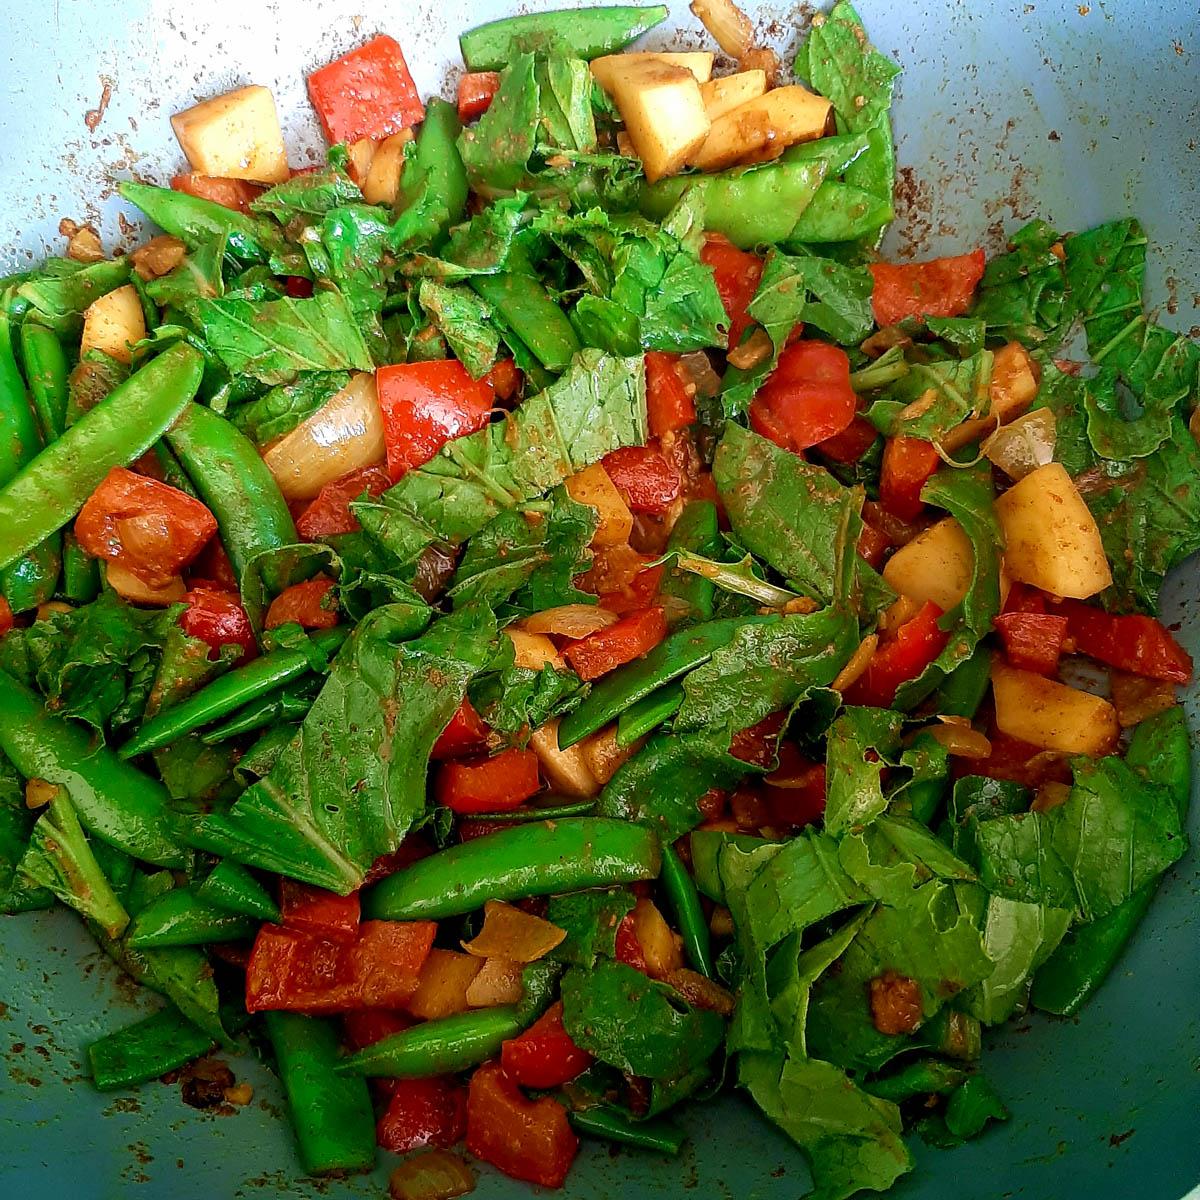 De groentes in de pan